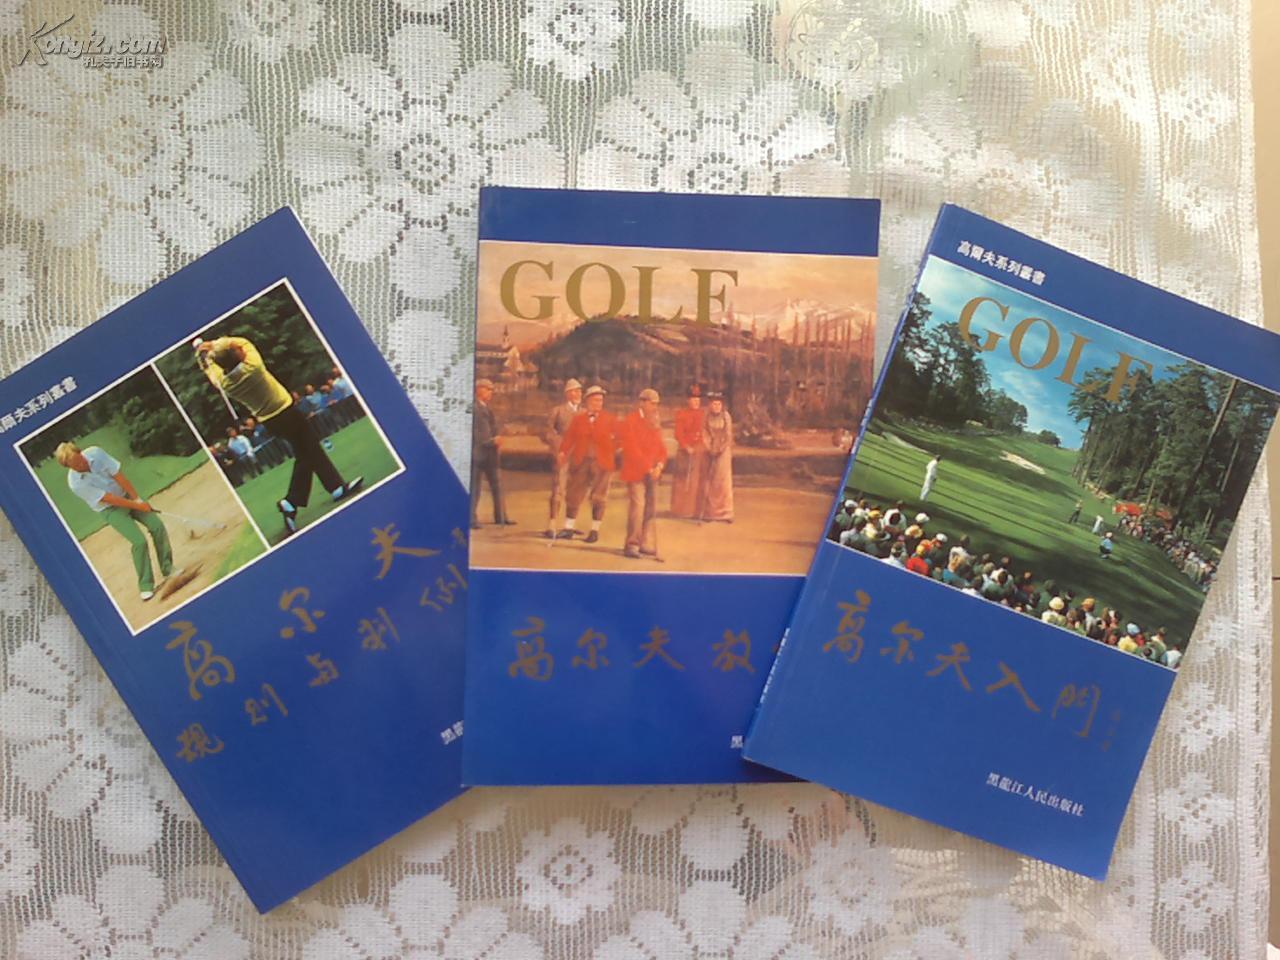 高尔夫系列丛书全套三册《高尔夫入门》《高尔夫教程》《高尔夫规则与判例》